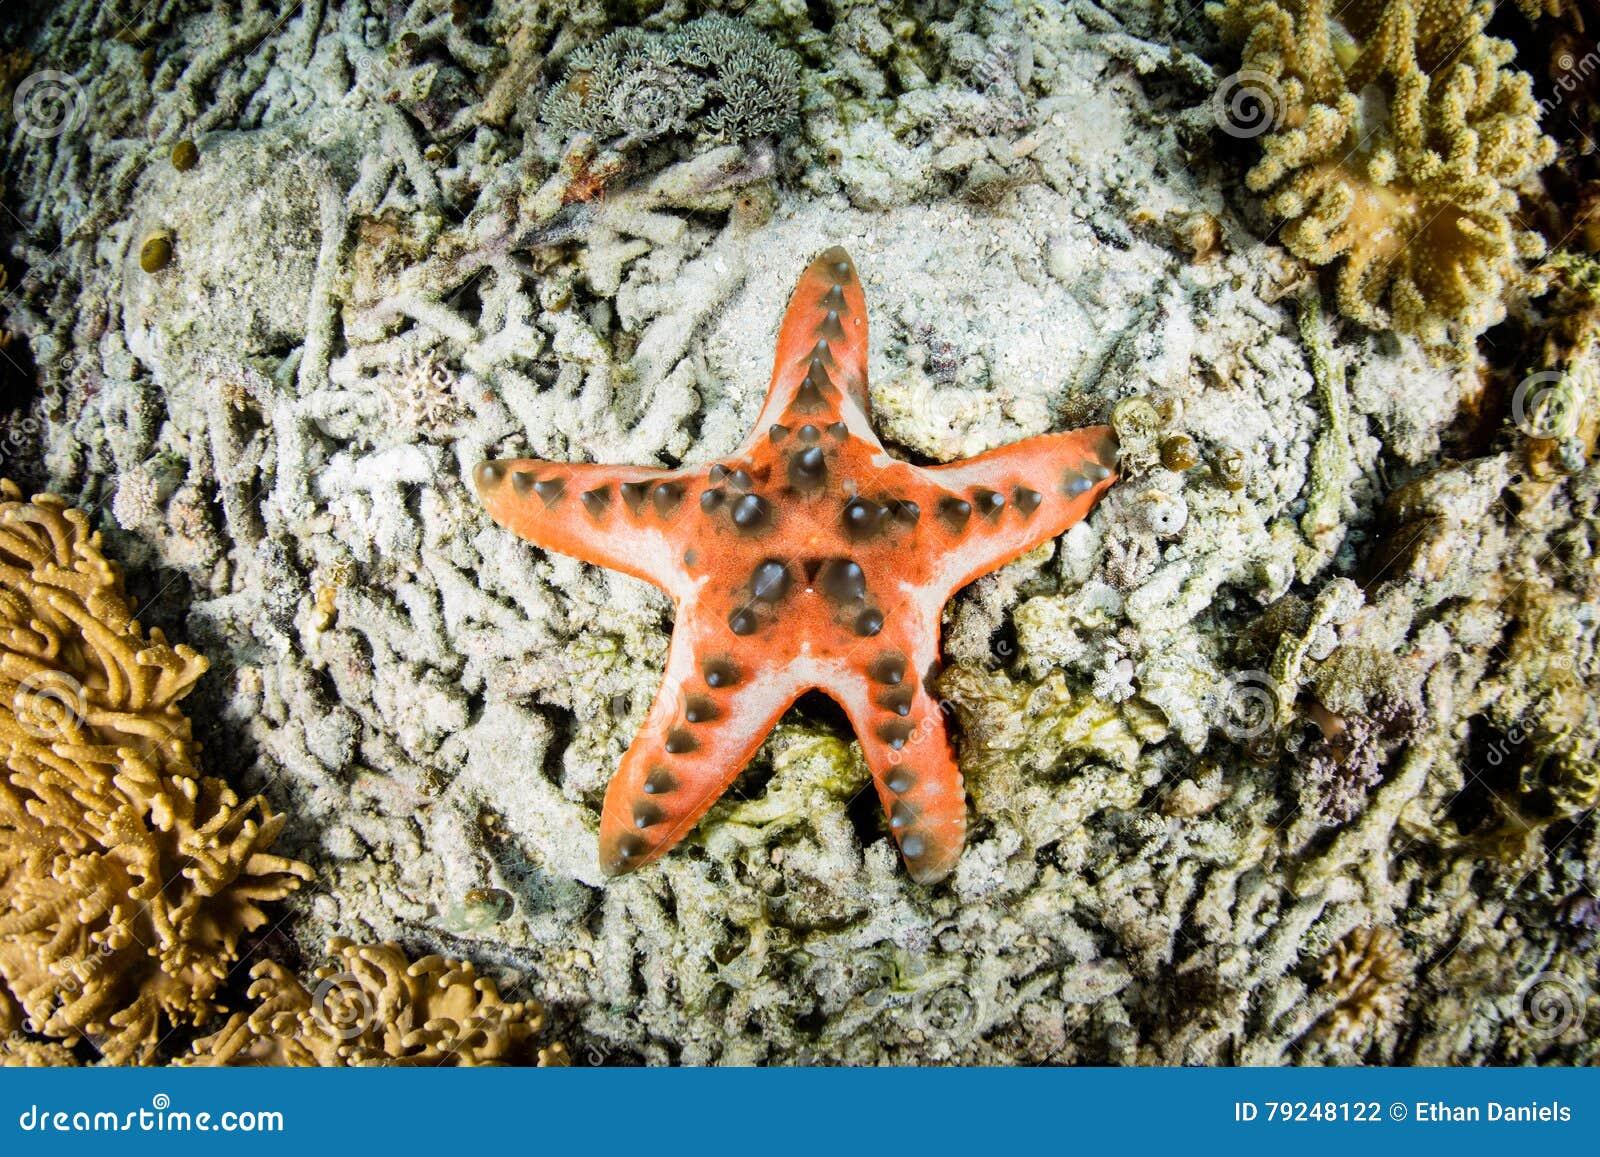 Chocolate Chip Starfish Stock Photo - Image: 79248122